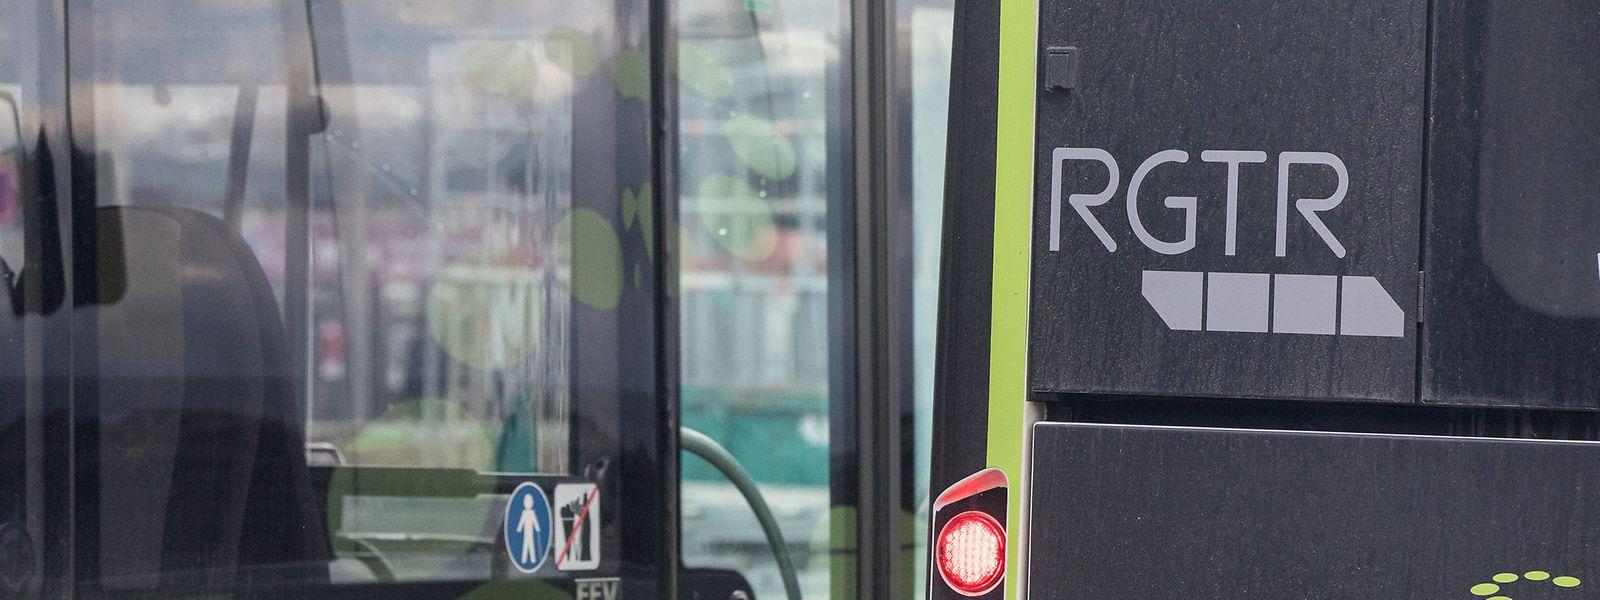 Ab Mai und bis zum Herbst kommenden Jahres soll das öffentliche RGTR-Busnetz den Reformplänen nach neu geordnet werden. Auch danach wird es dem Mobilitätsministerium zufolge aber stetig weitere Anpassungen und Verbesserungen geben.